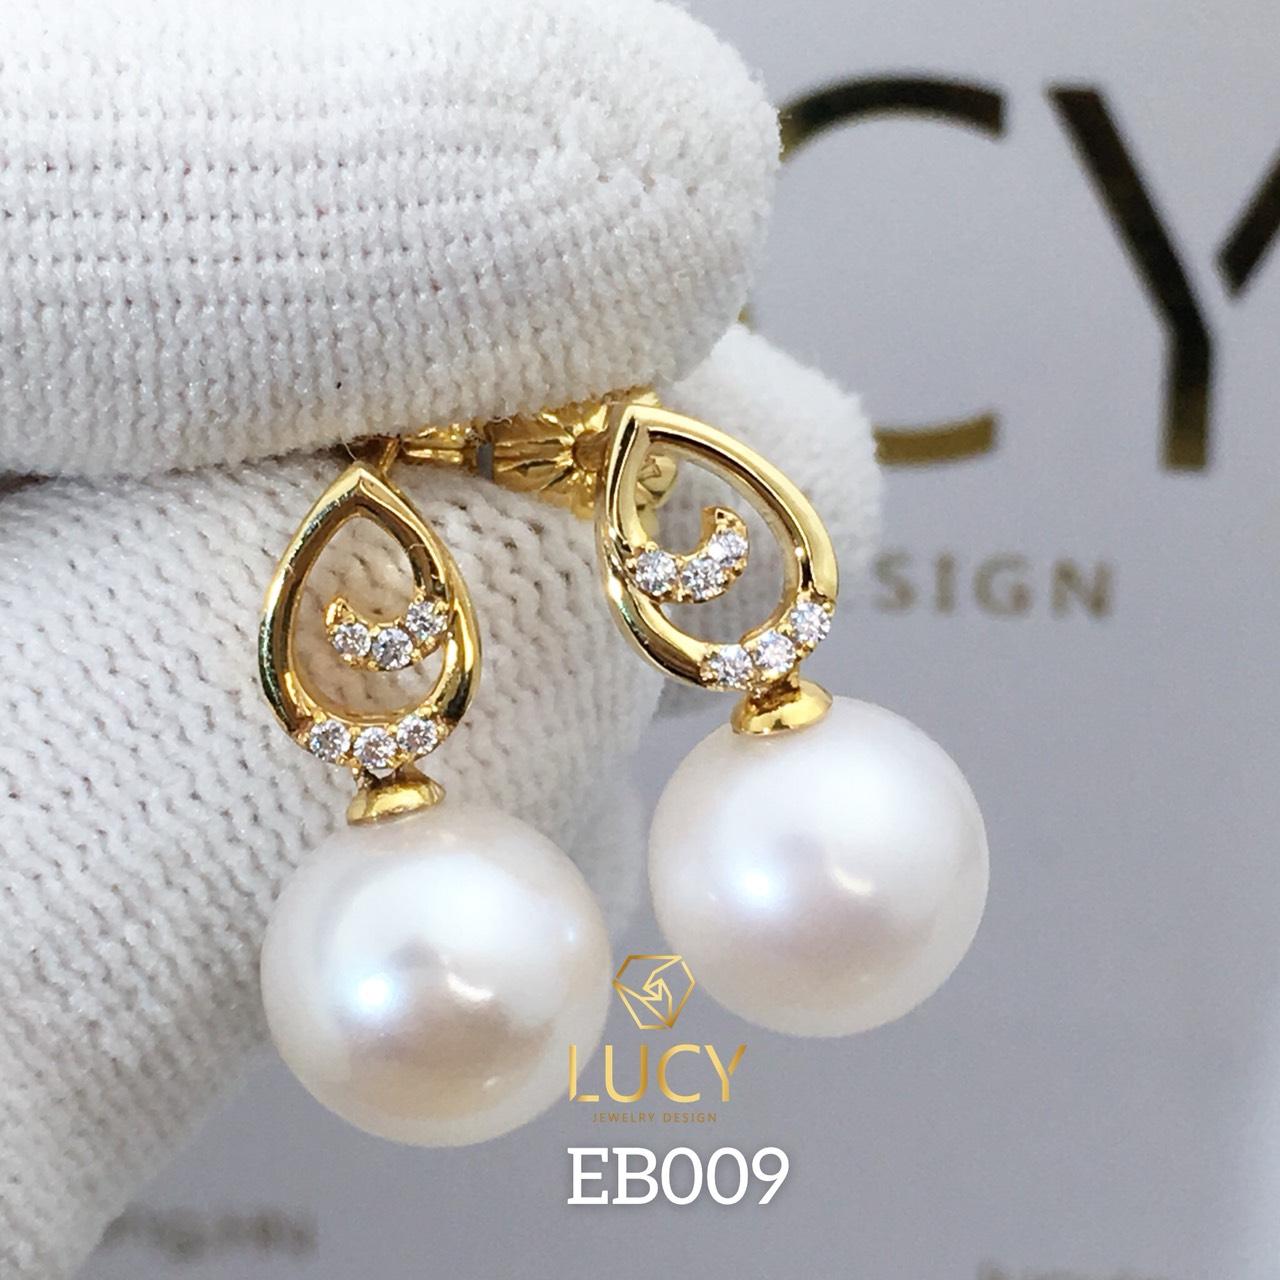 EB009 Khuyên tai vàng nữ gắn ngọc trai 10mm - Lucy Jewelry